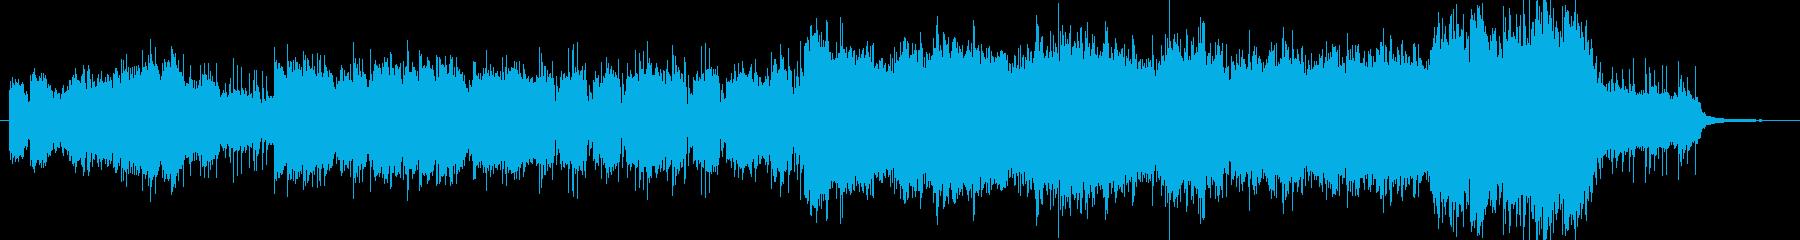 メタルでカッコいい楽曲です。の再生済みの波形